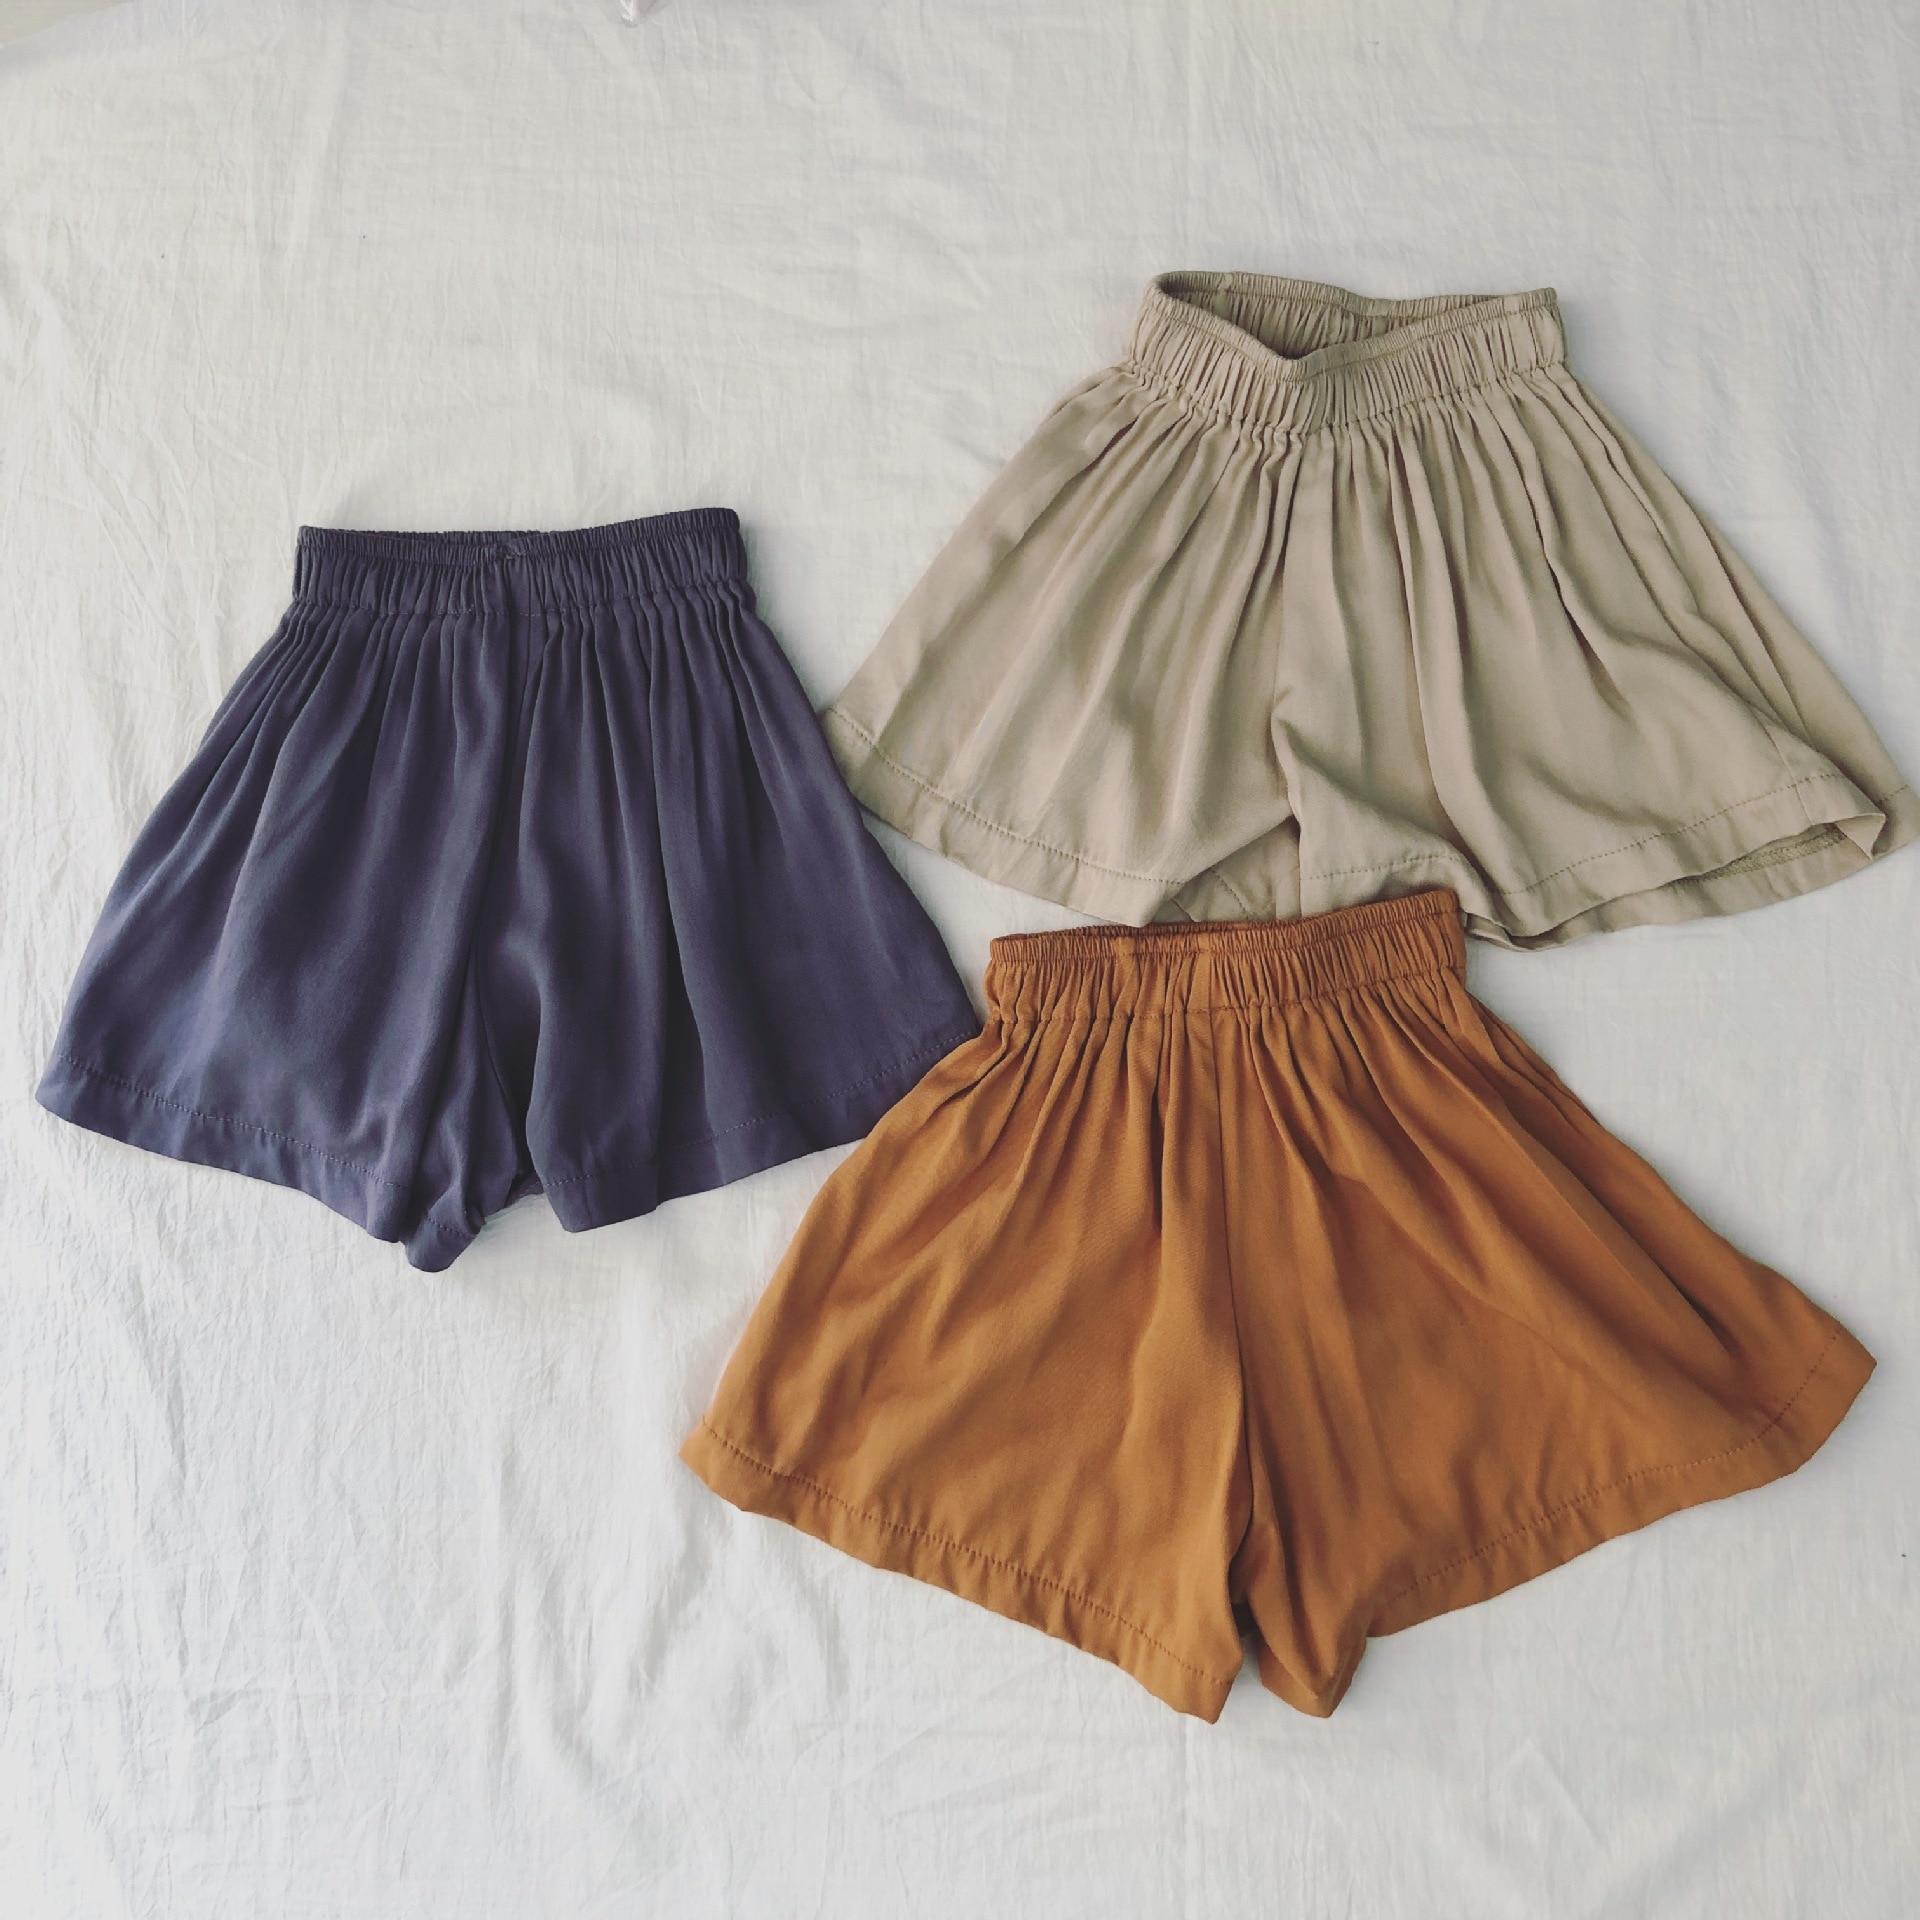 Spodnie letnie Szerokie spodnie dla dzieci Spodnie dla dzieci Ubrania - Ubrania dziecięce - Zdjęcie 1